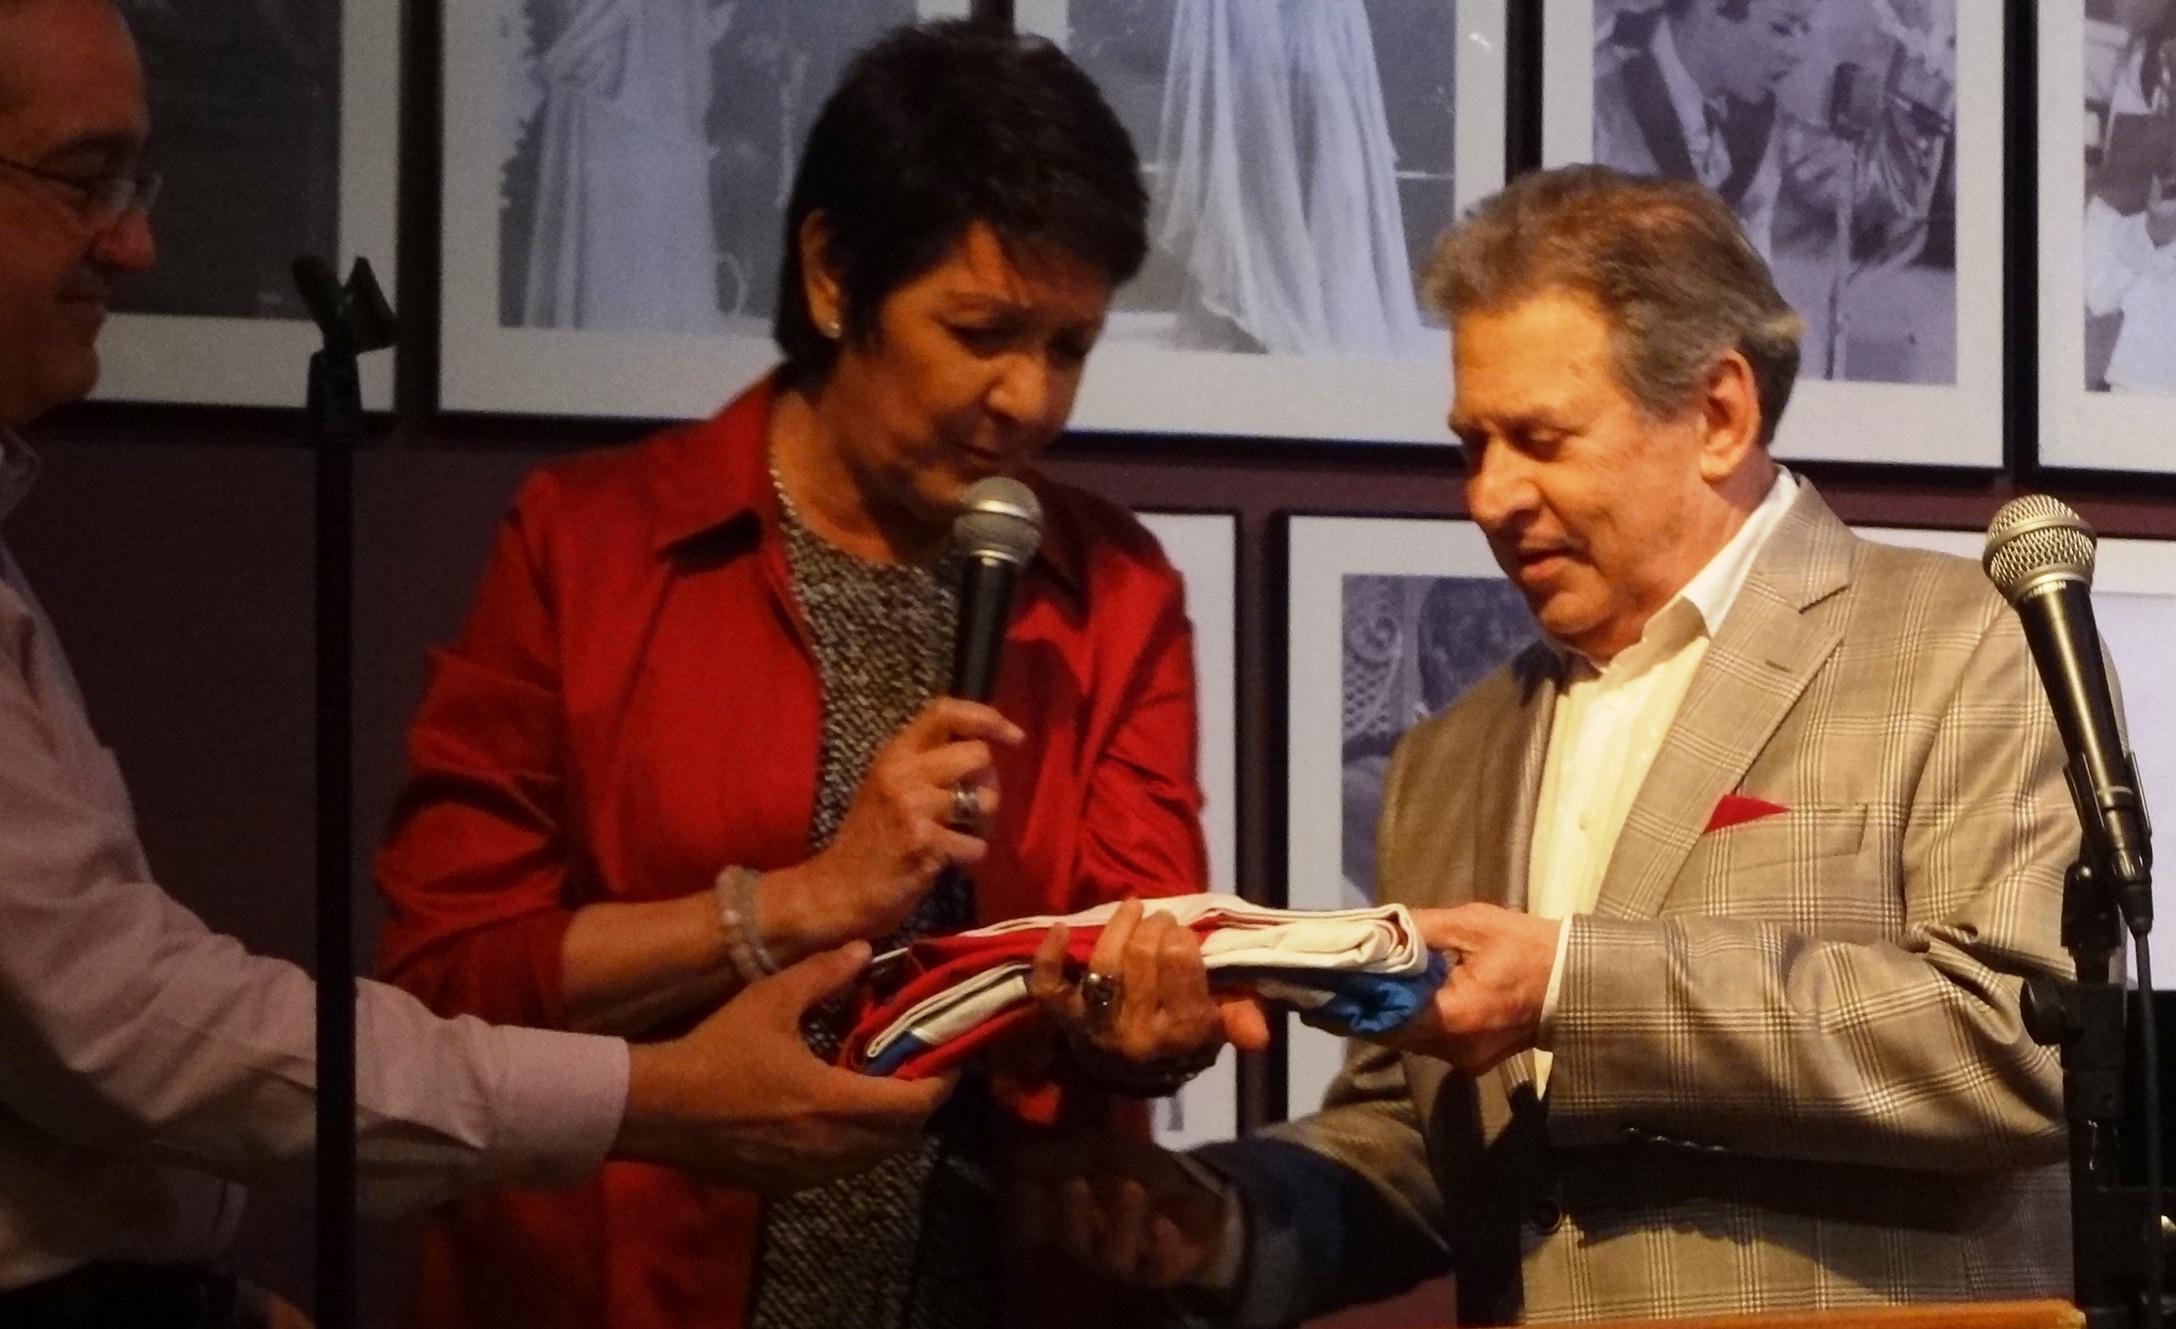 Ivonne Coll entregó al Abanderado 2017 la Monoestrellada la cual guardó como custodia durante este pasado año. (Foto Adriana Pantoja para Fundación Nacional para la Cultura Popular)